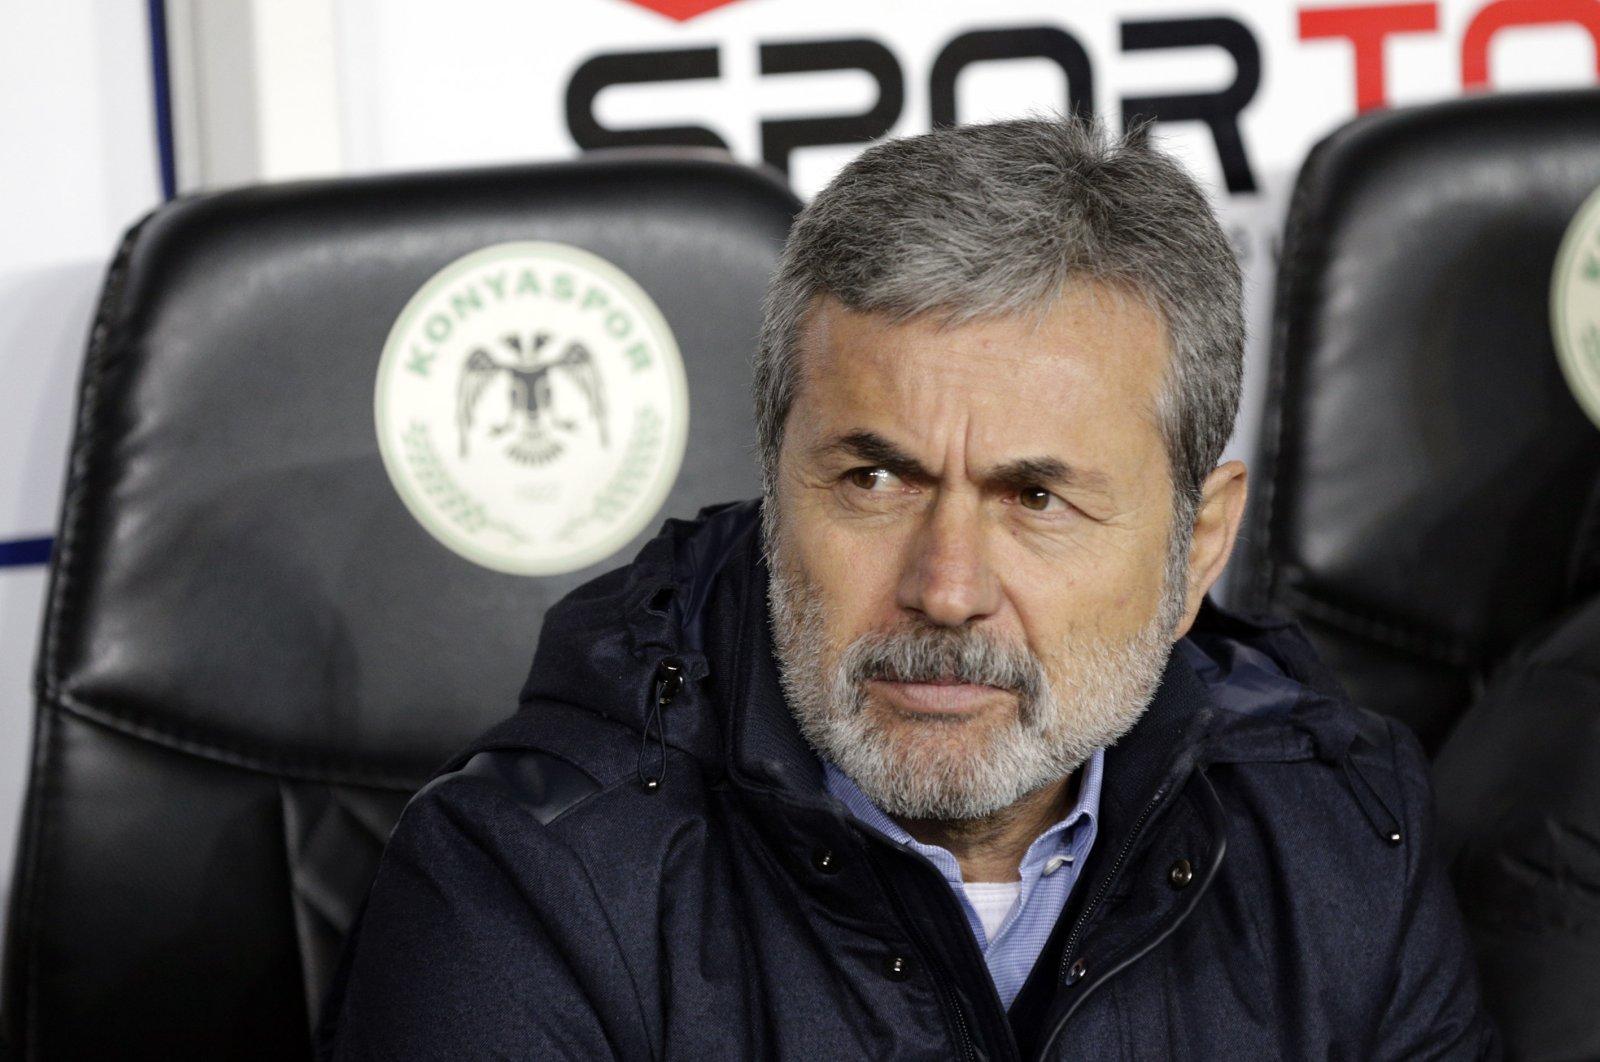 Aykut Kocaman sits at bench in Konyaspor's game against Galatasaray, central Konya province, Jan. 28, 2020. (AA Photo)